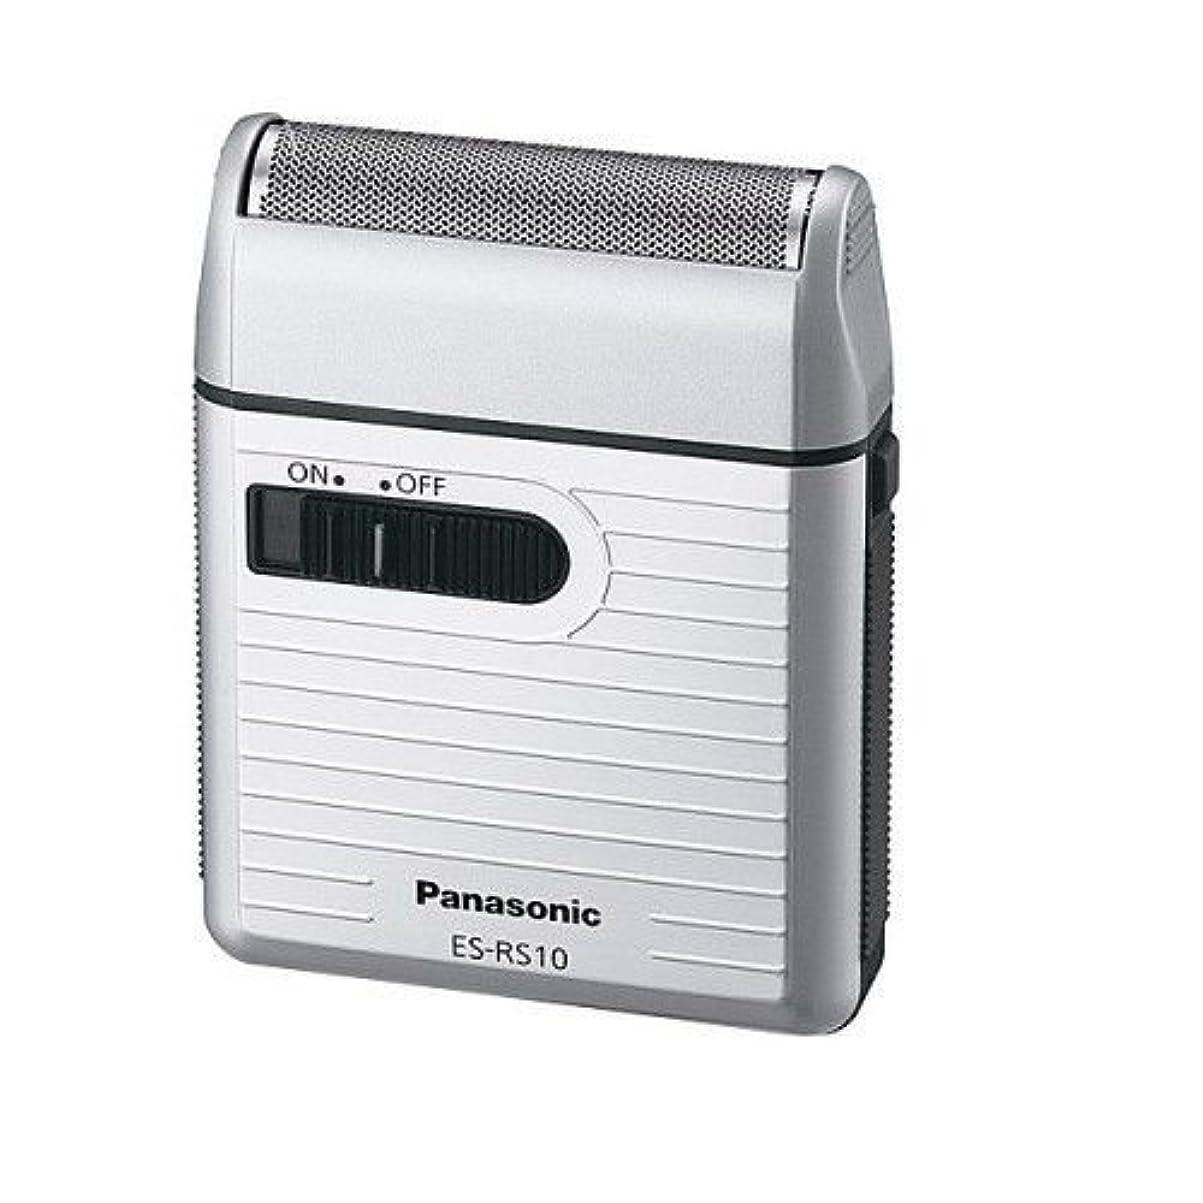 太陽公式平均Panasonic ES-RS10-S ンズポケットシェーバーシルバー ESRS10 日本製 [並行輸入品]